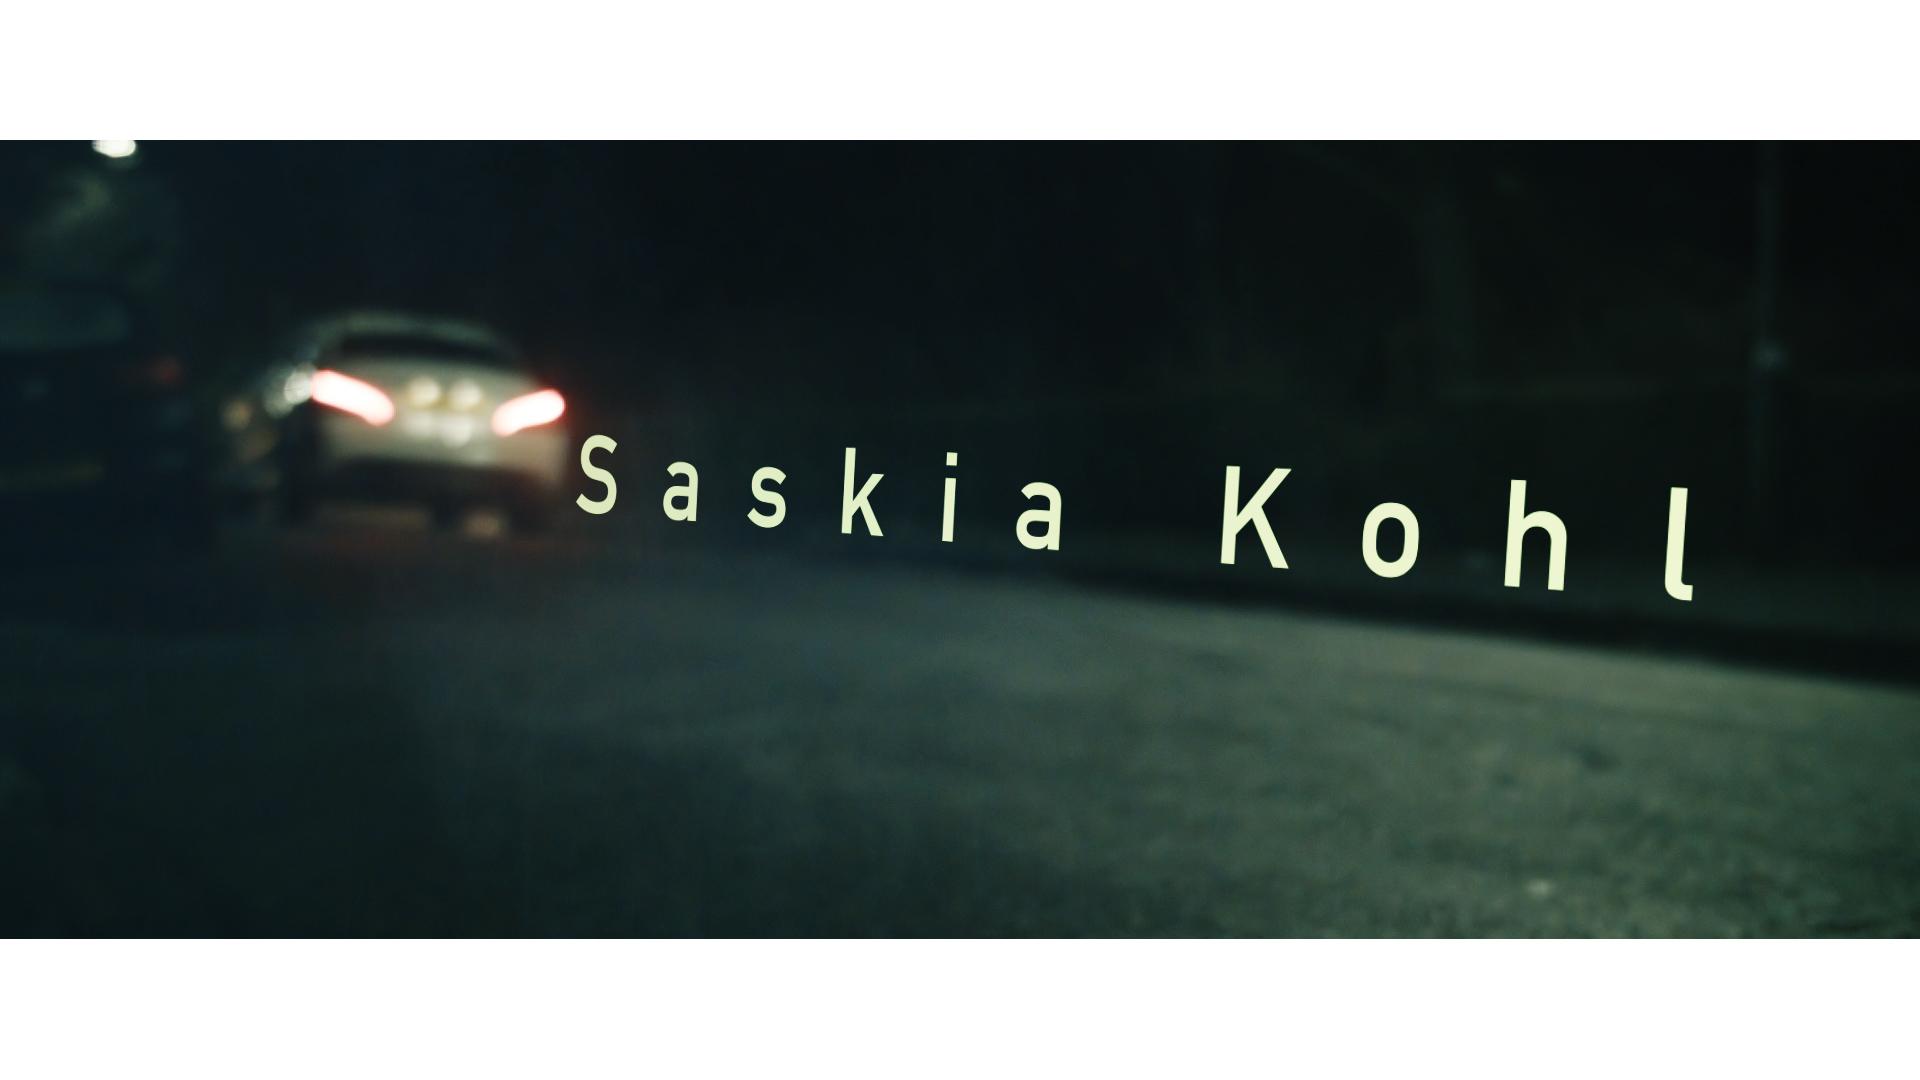 Saskia Kohl